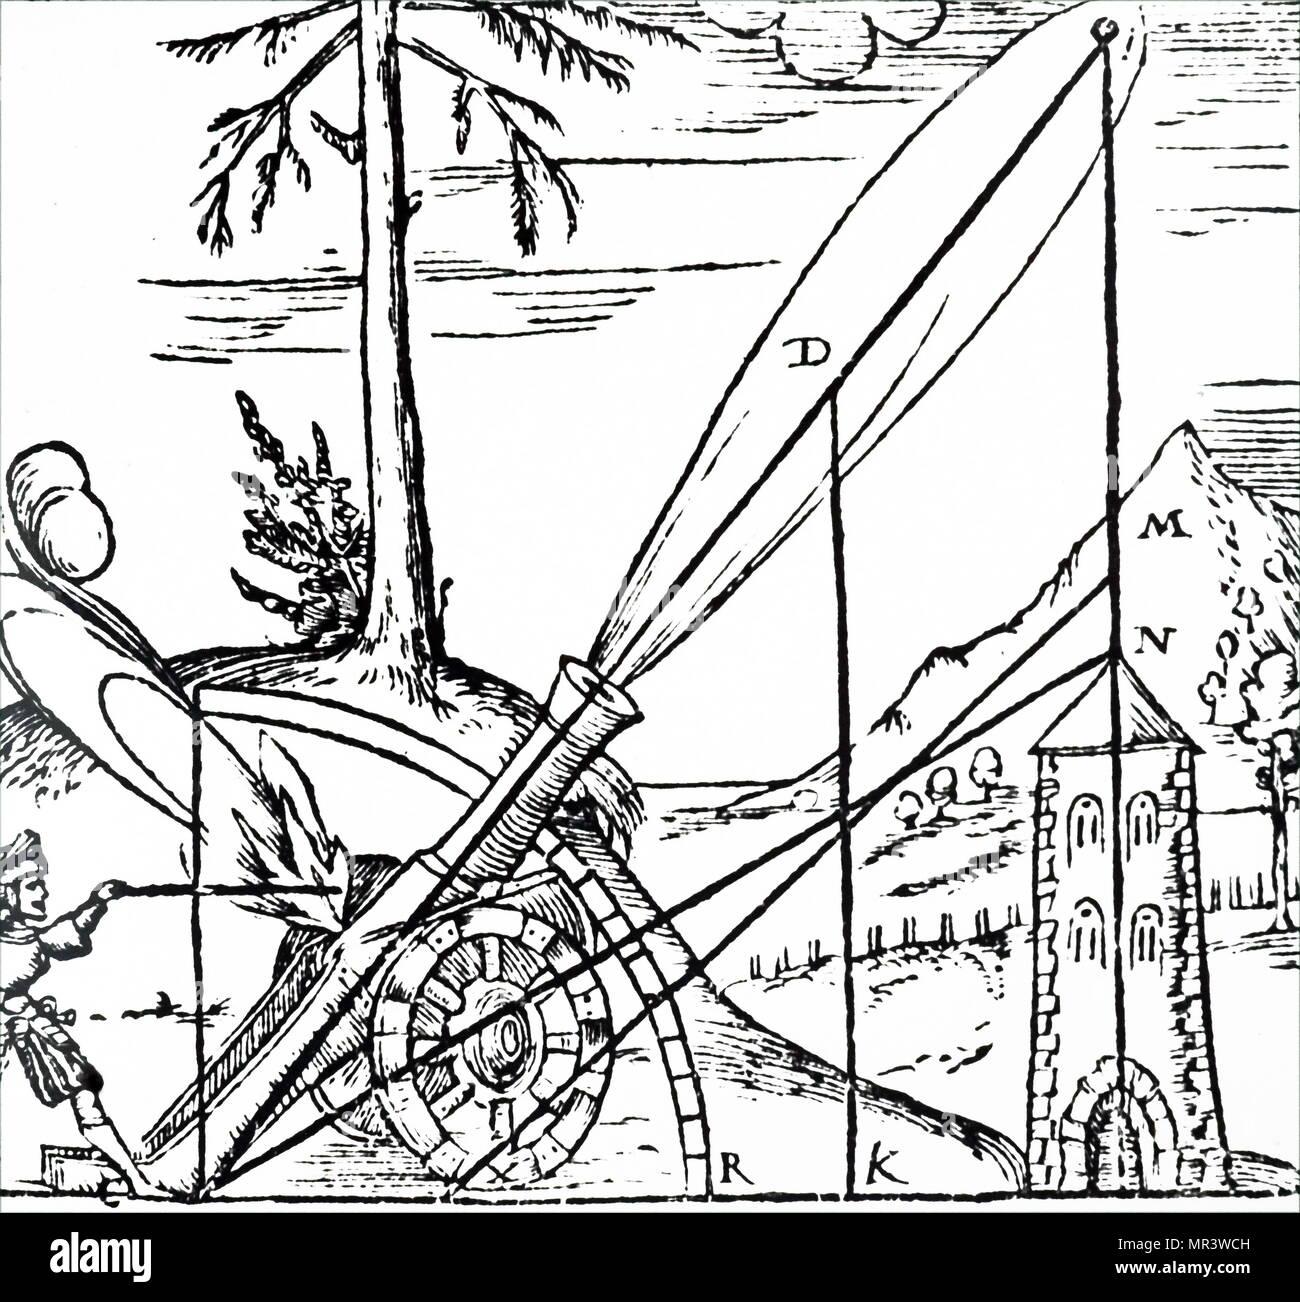 Illustration de la notion aristotélicienne de la trajectoire du projectile. Depuis qu'il croyait pas d'organe pourrait entreprendre plus d'une motion à la fois, le chemin devait se composer de deux motions distinctes dans une ligne droite. En date du 16e siècle Photo Stock